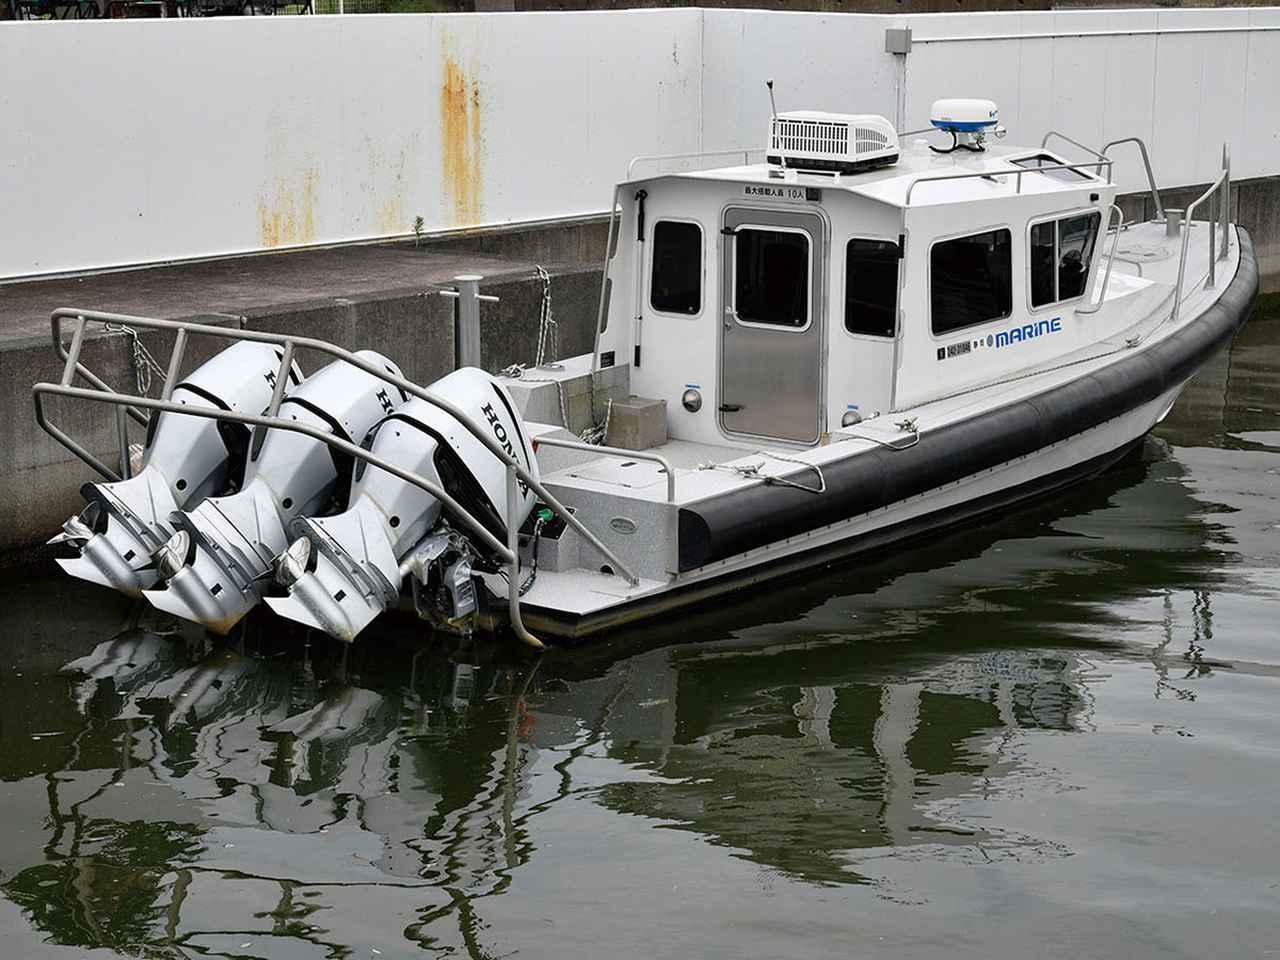 画像: 米沿岸警備隊の警備艇仕様に近い高速艇。BF250を3基がけしている。